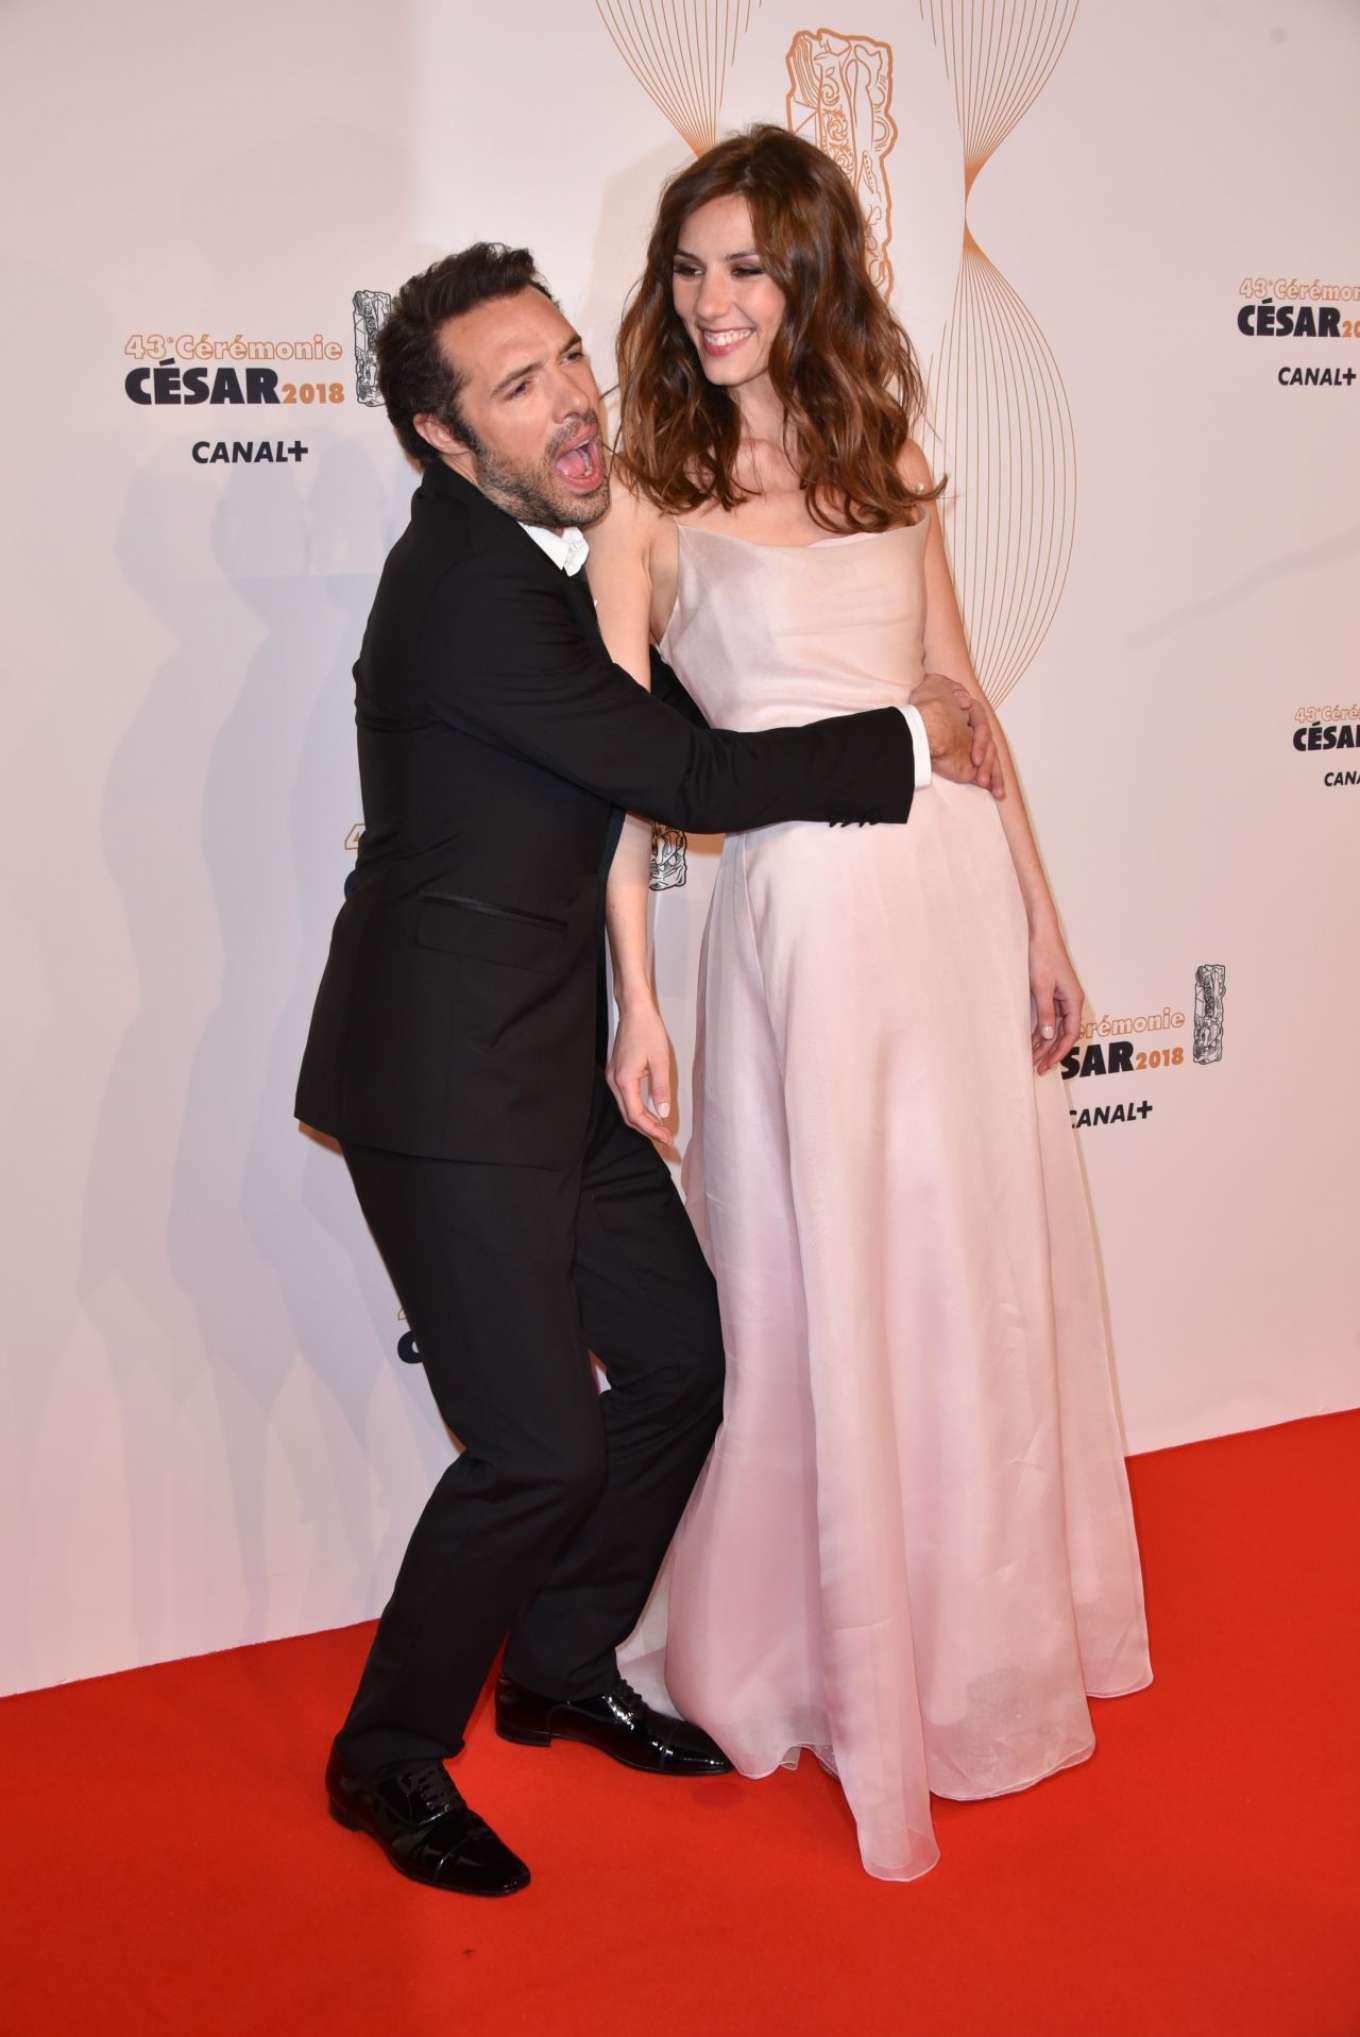 Doria Tillier 2018 : Doria Tillier: 2018 Cesar Film Awards -05